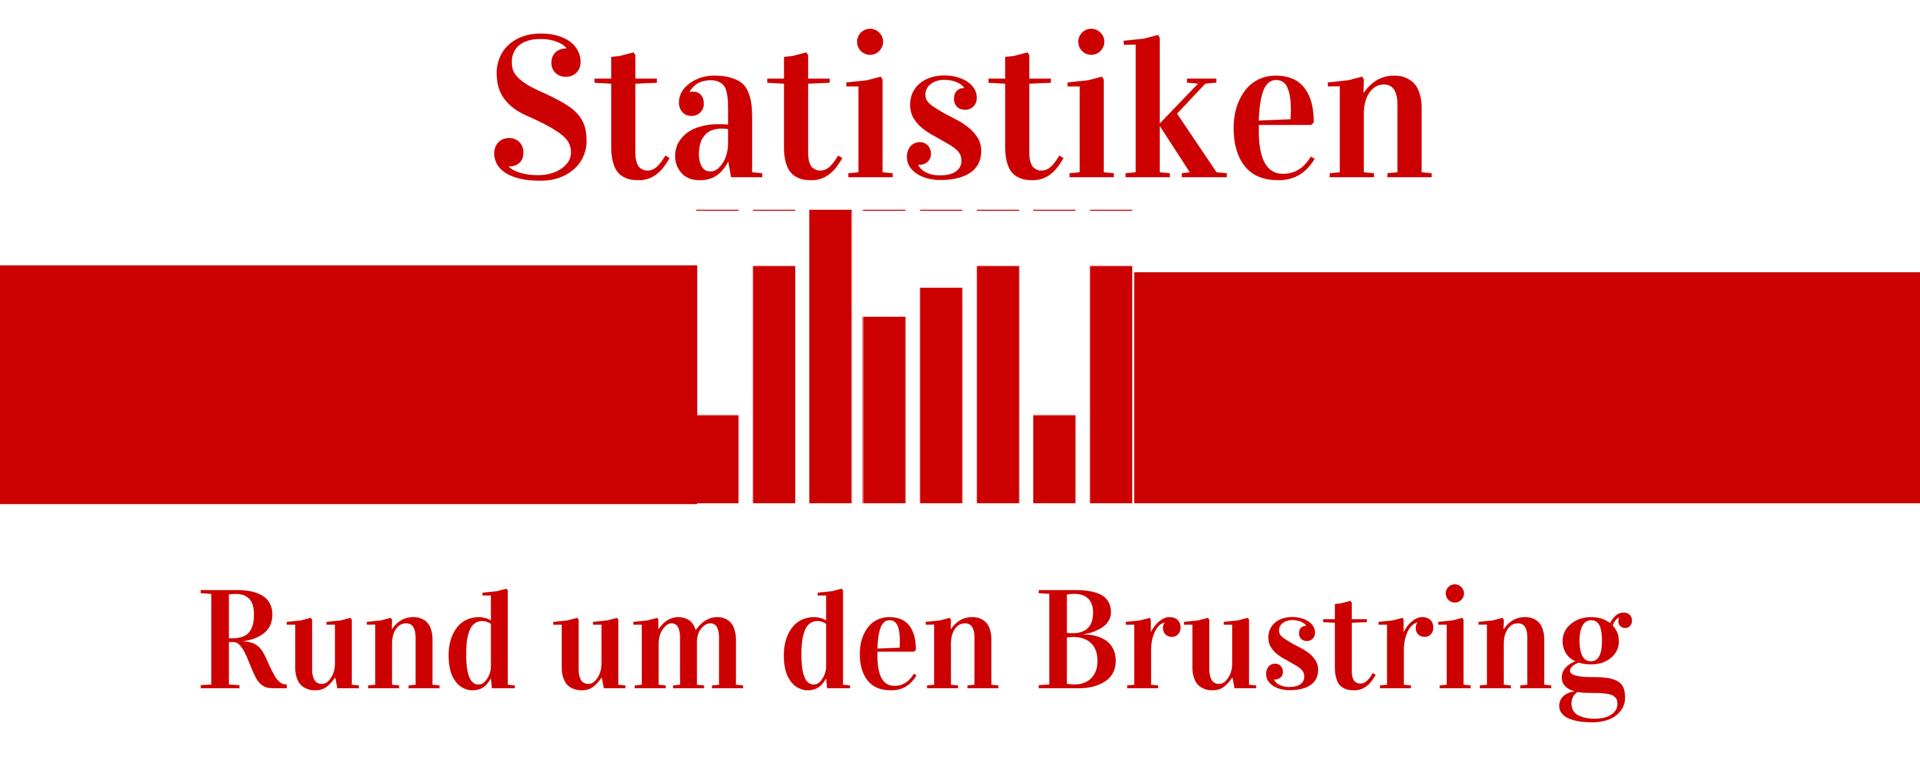 Neue Statistik auf Rund um den Brustring: Rückennummern